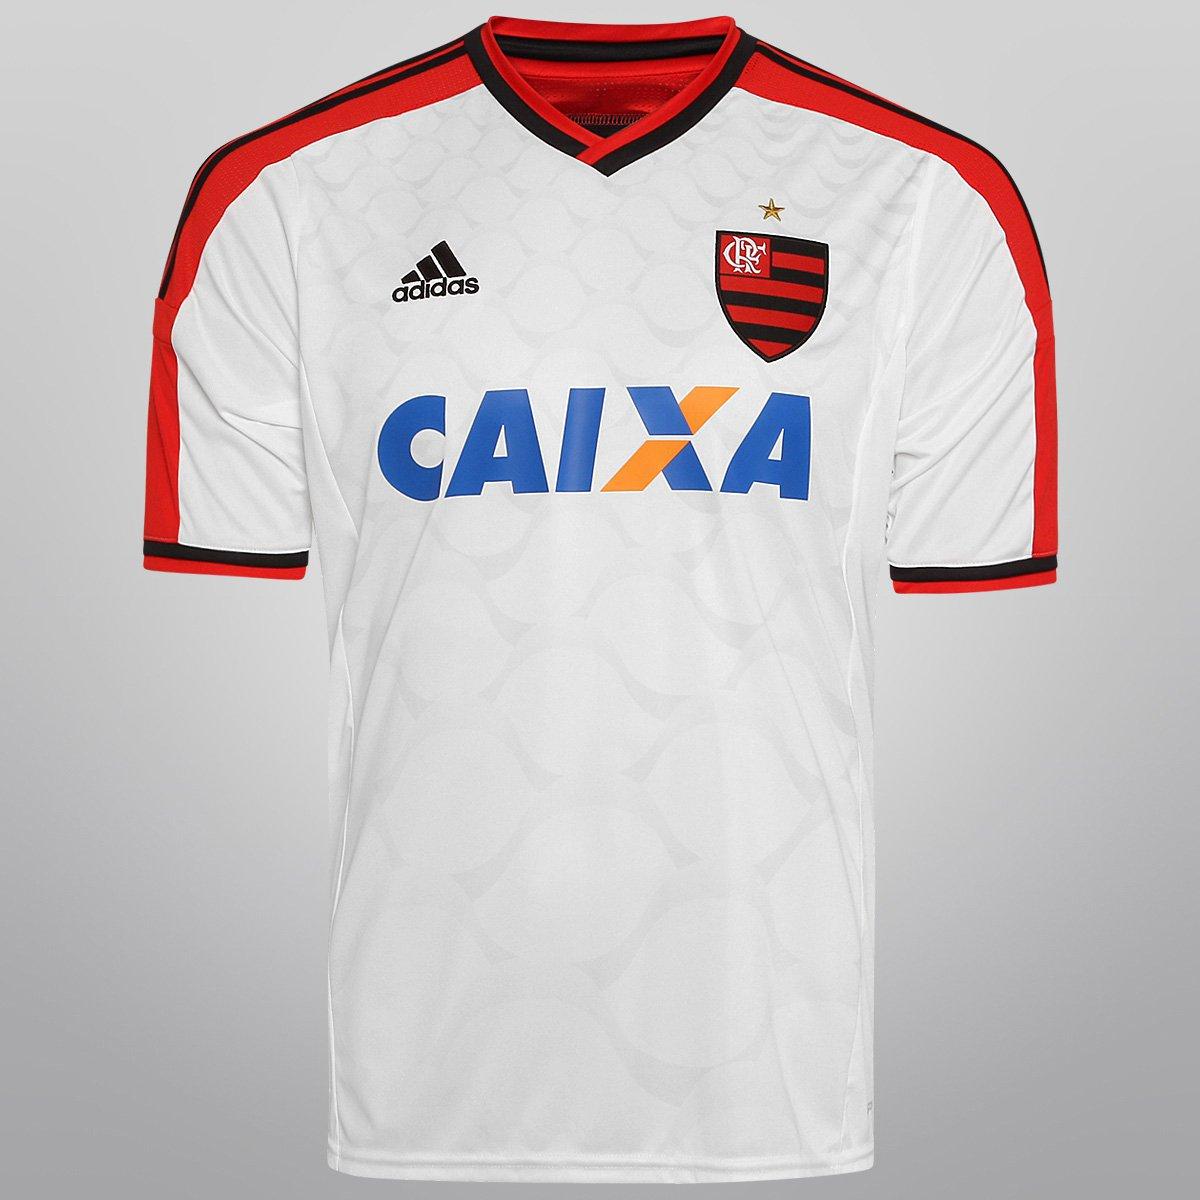 e2ed1a6d13585 Camisa Adidas Flamengo II 14 15 s nº - Branco e Vermelho - Compre Agora